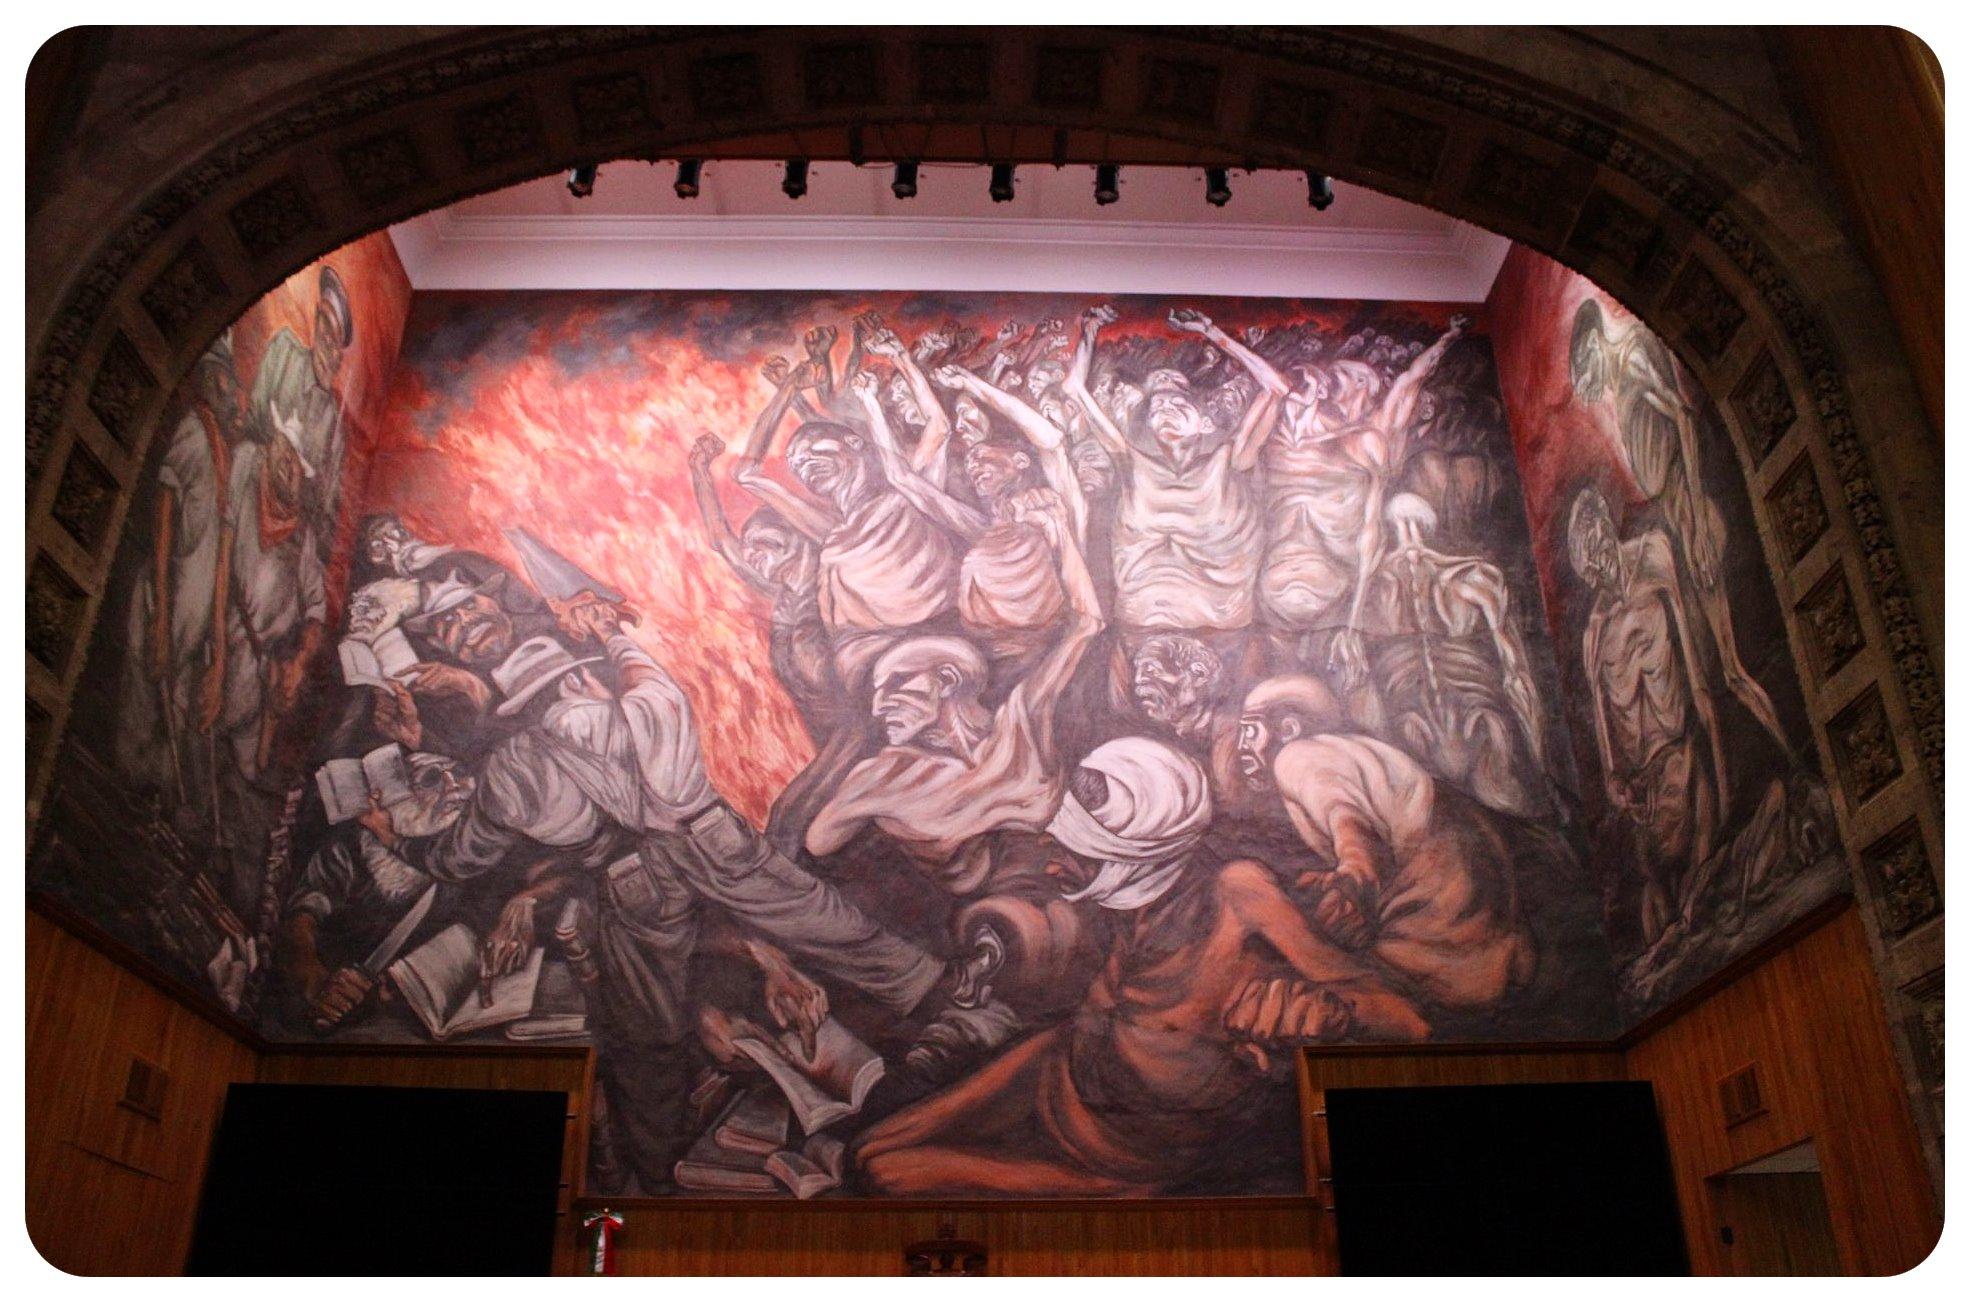 guadalajara orozco mural musa